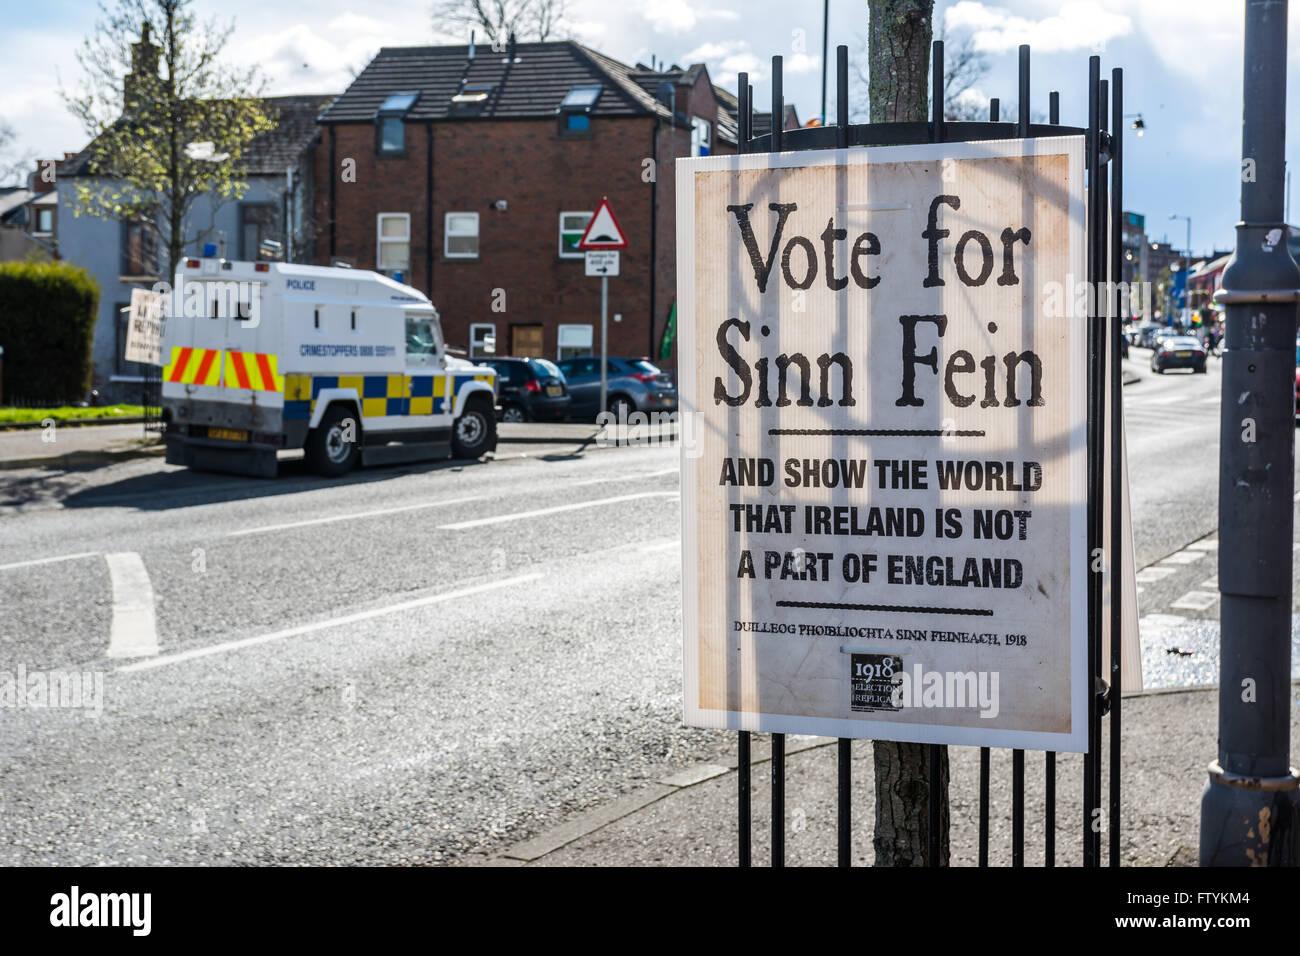 Stimmen Sie für Sinn Féin Wahlplakat auf Belfast Falls Road mit PSNI Land Rover im Hintergrund geparkt. Stockbild